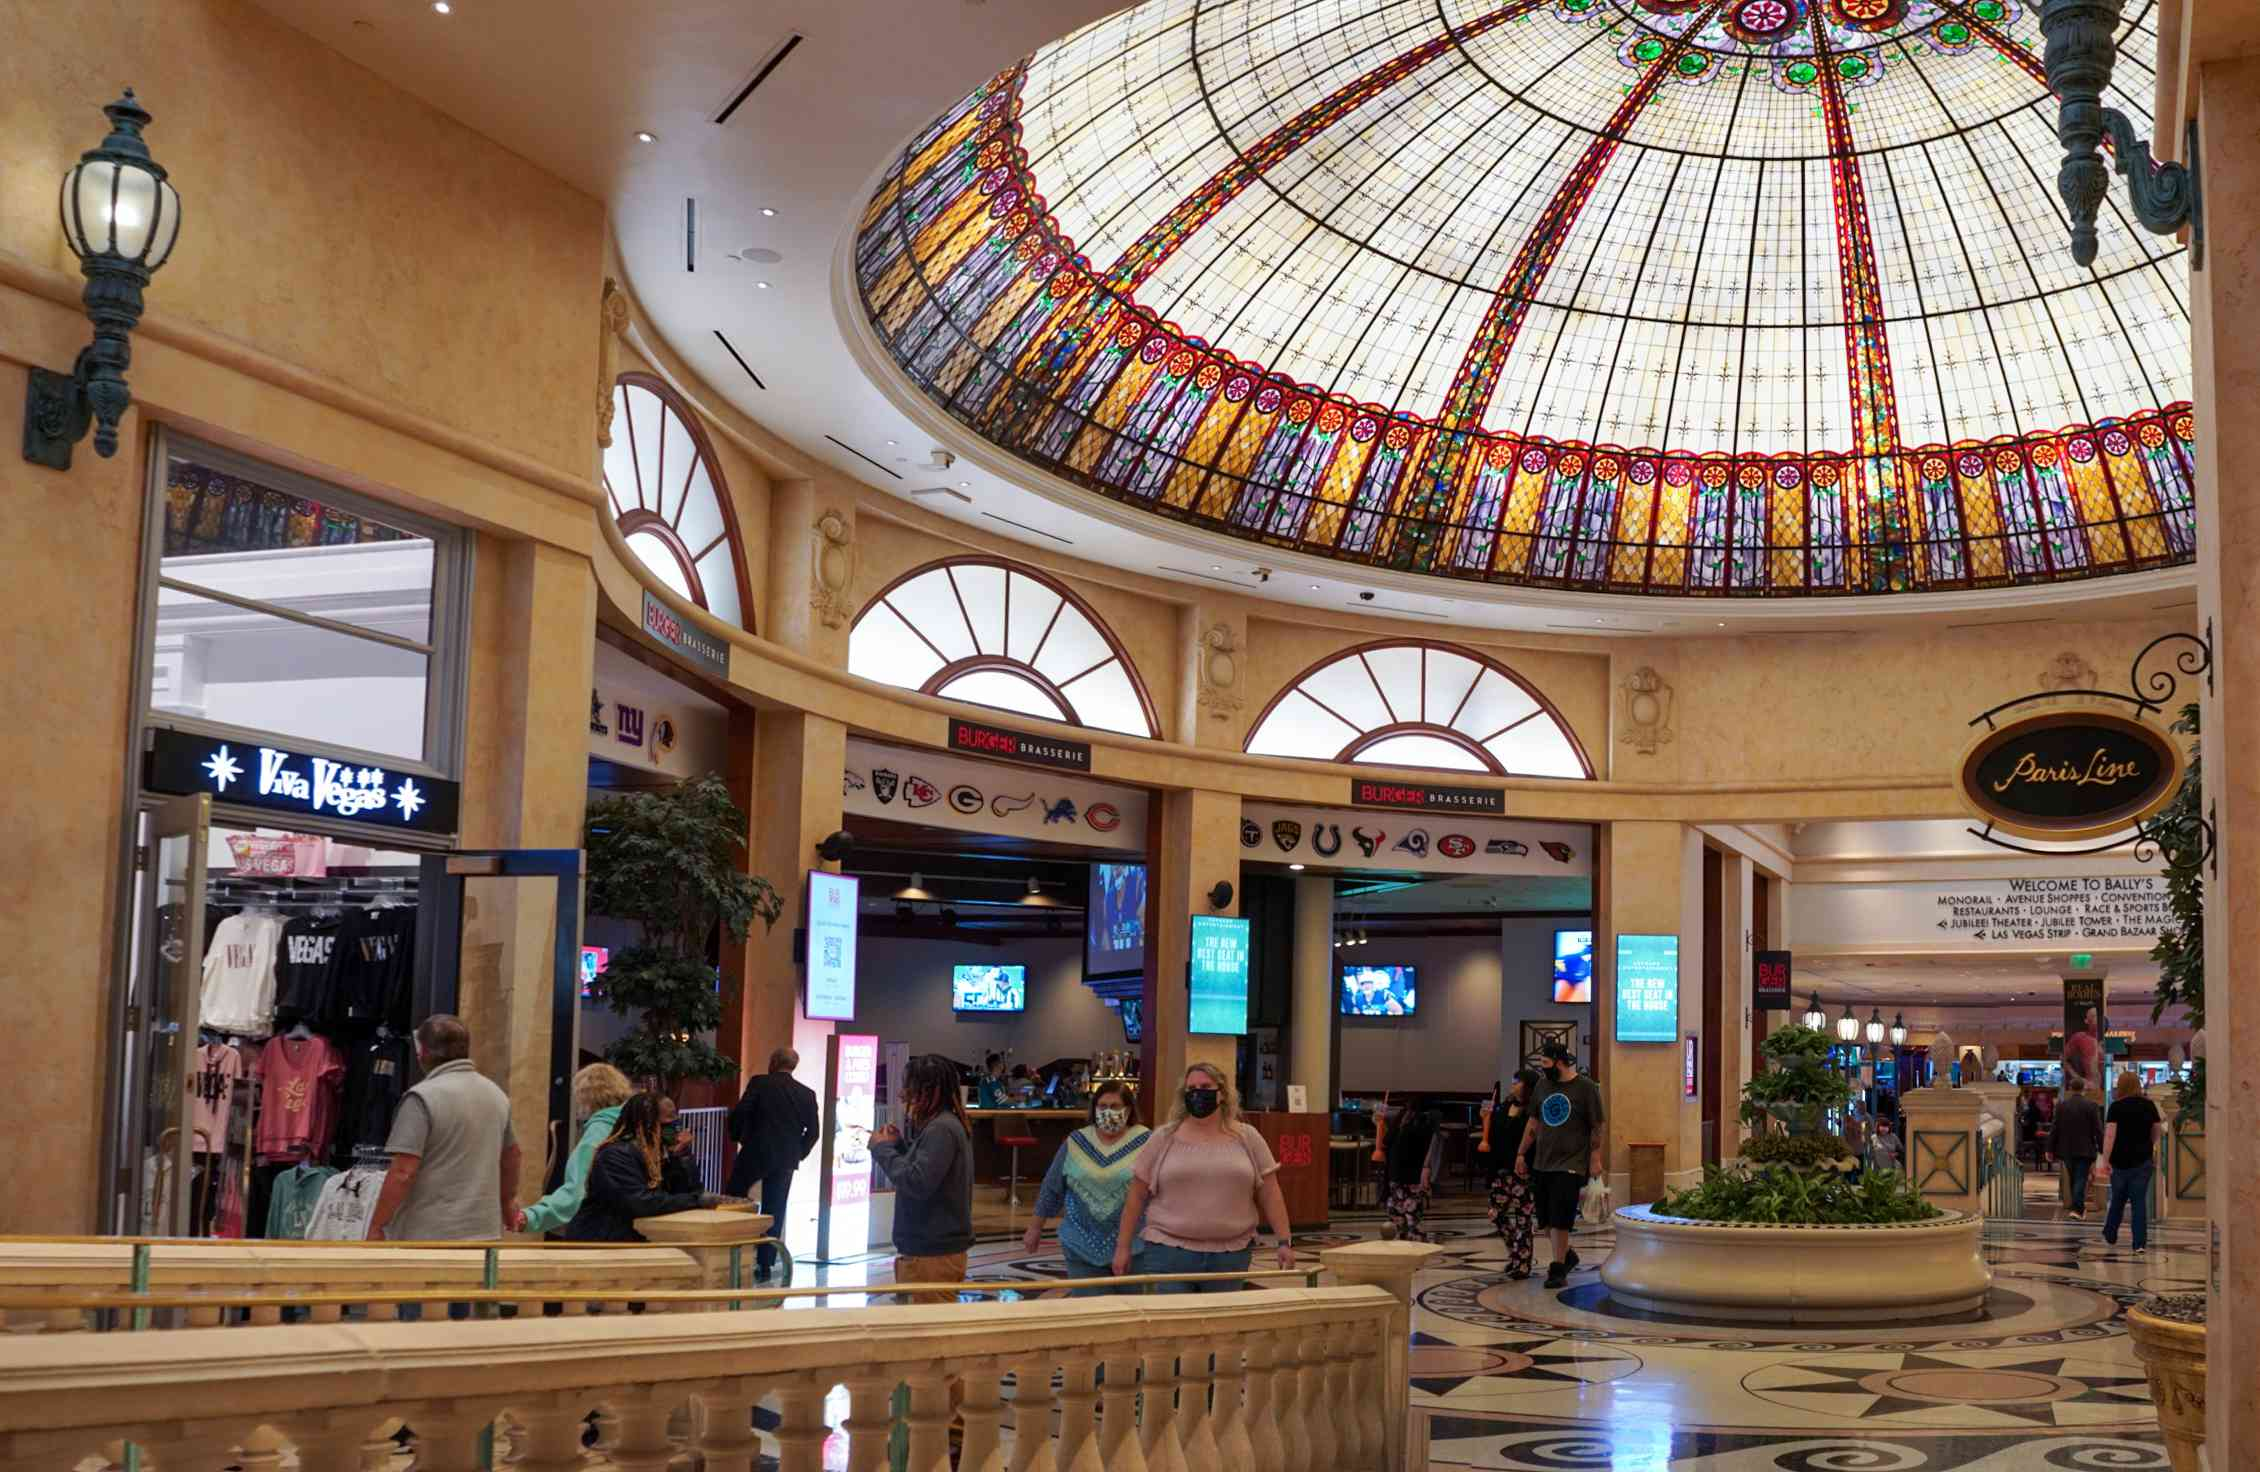 Shopping in Paris Las Vegas